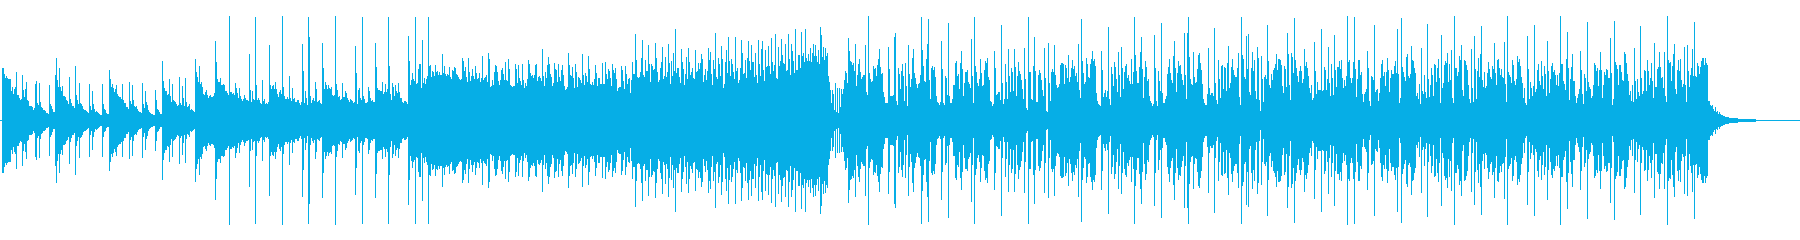 爽やかでポップなFuture Bassの再生済みの波形